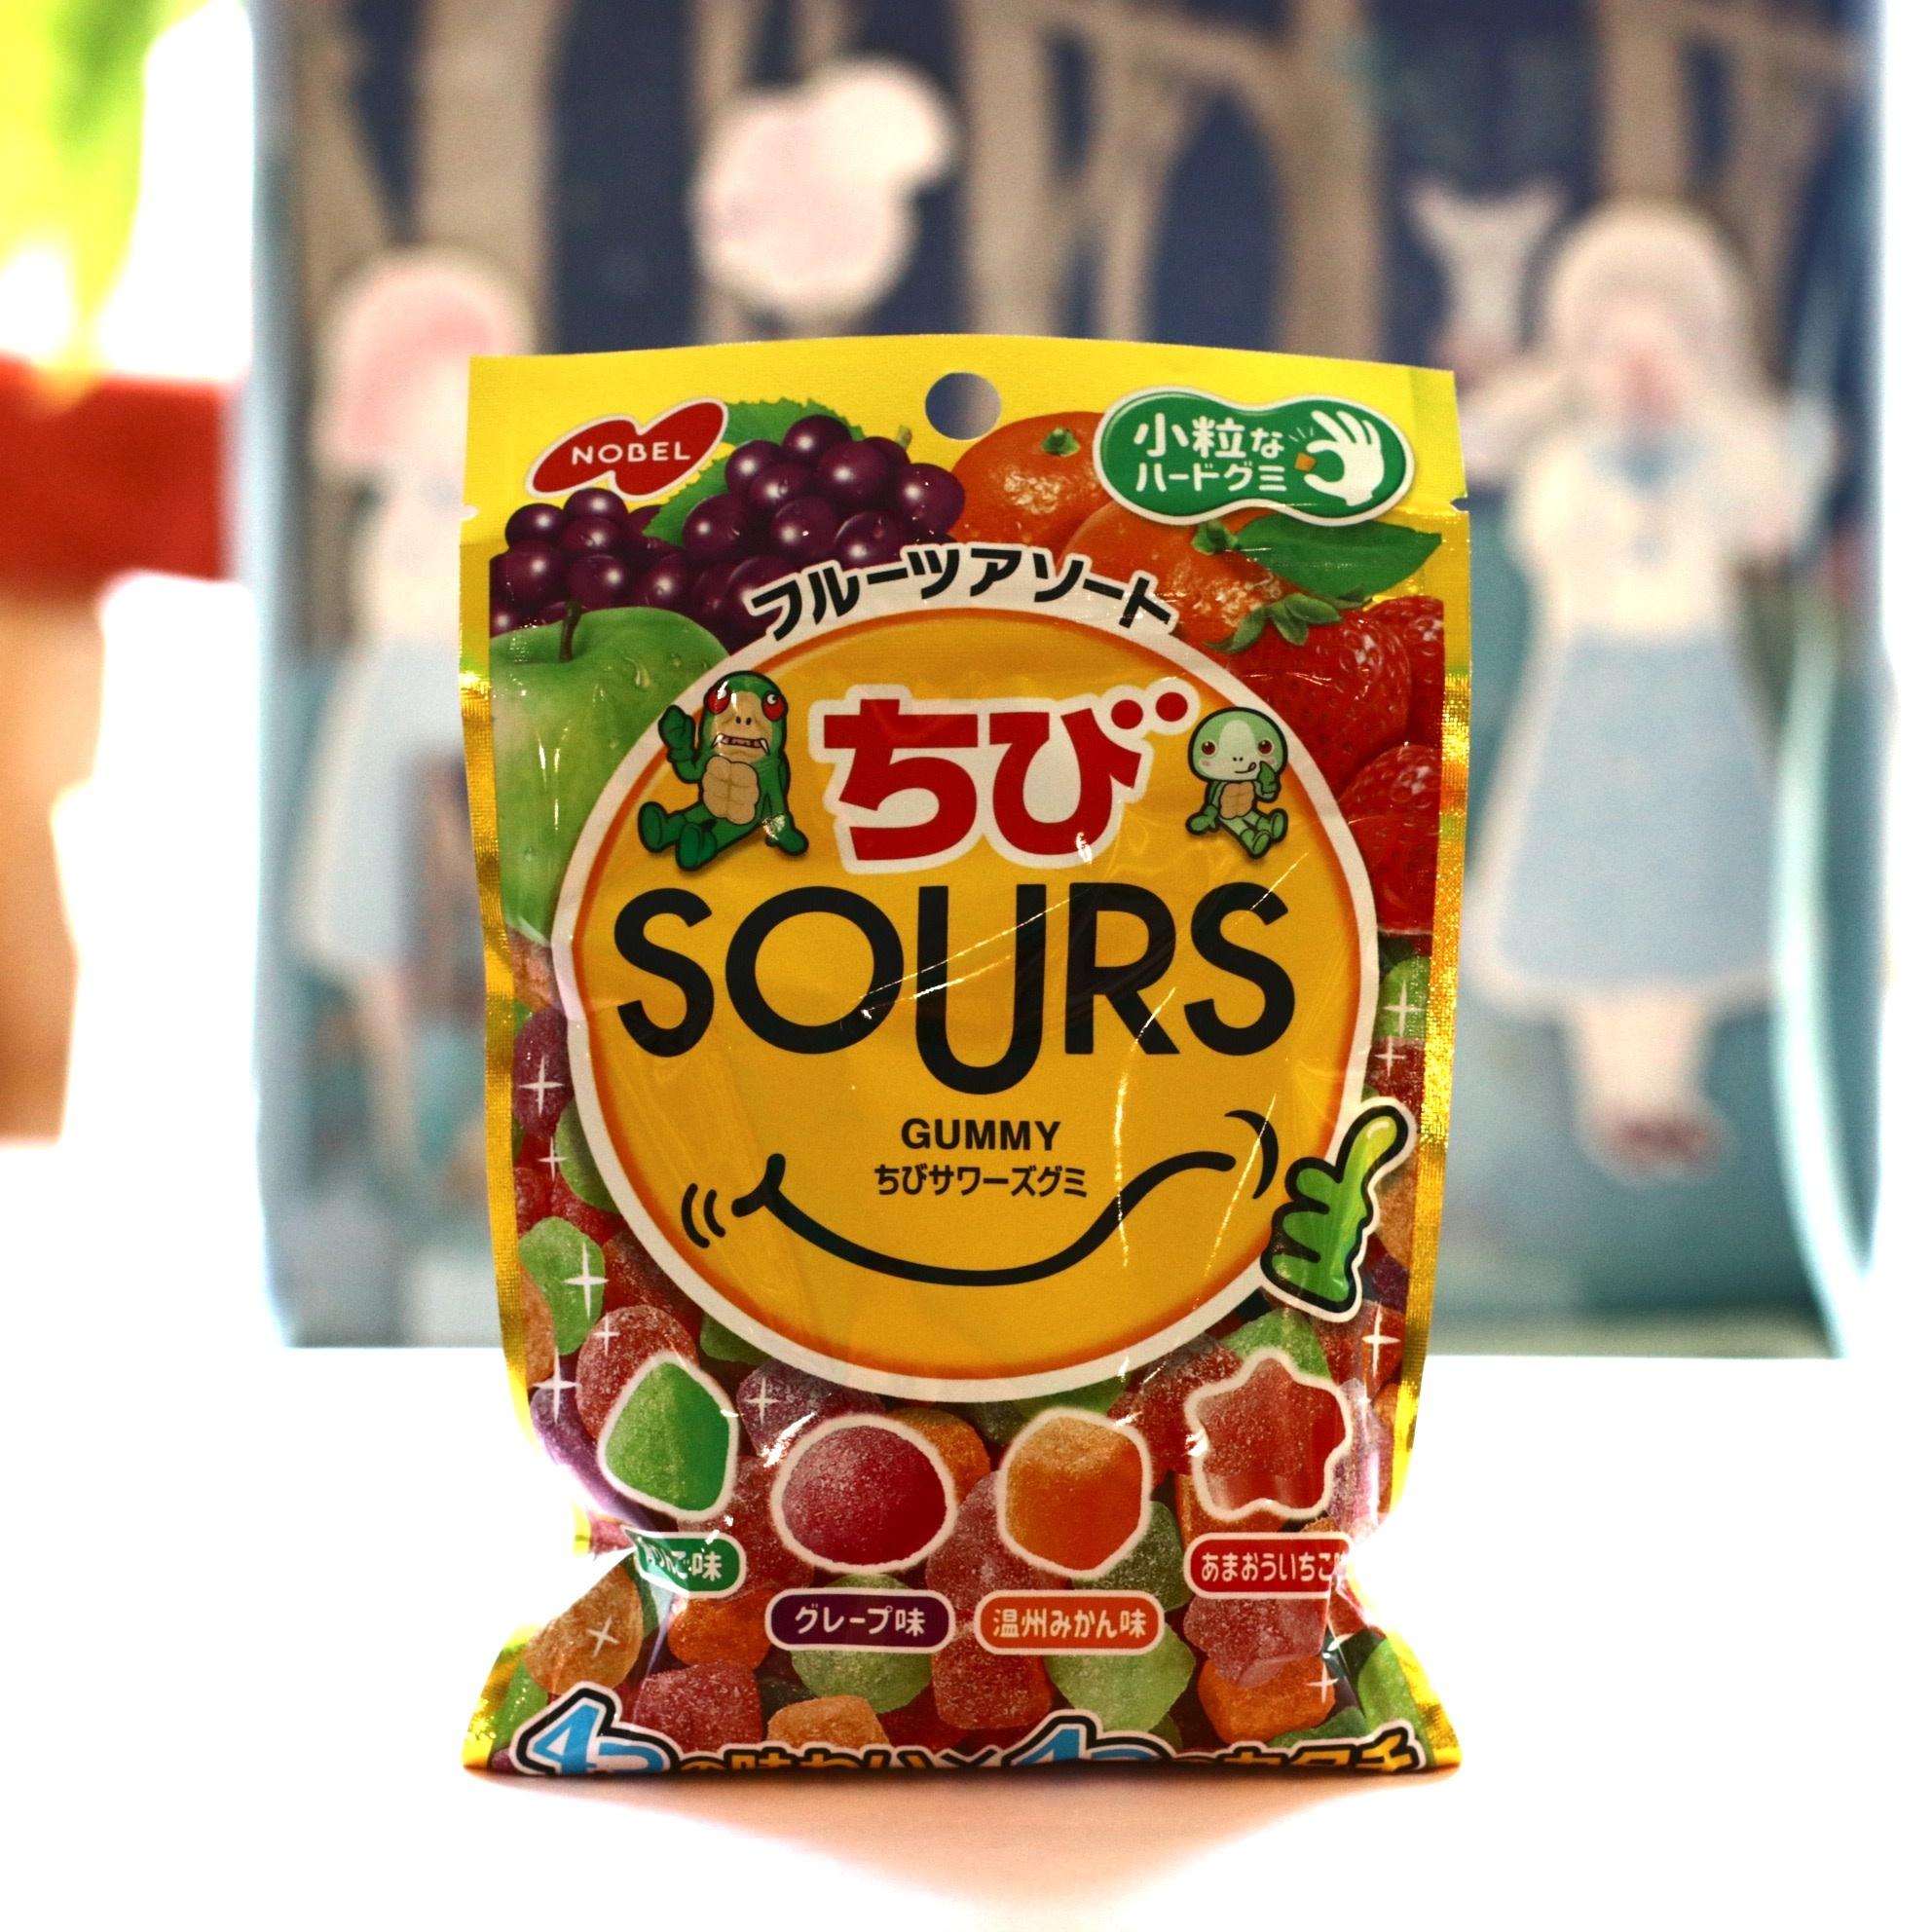 Nobel Nobel Gummy Fruit Mixed